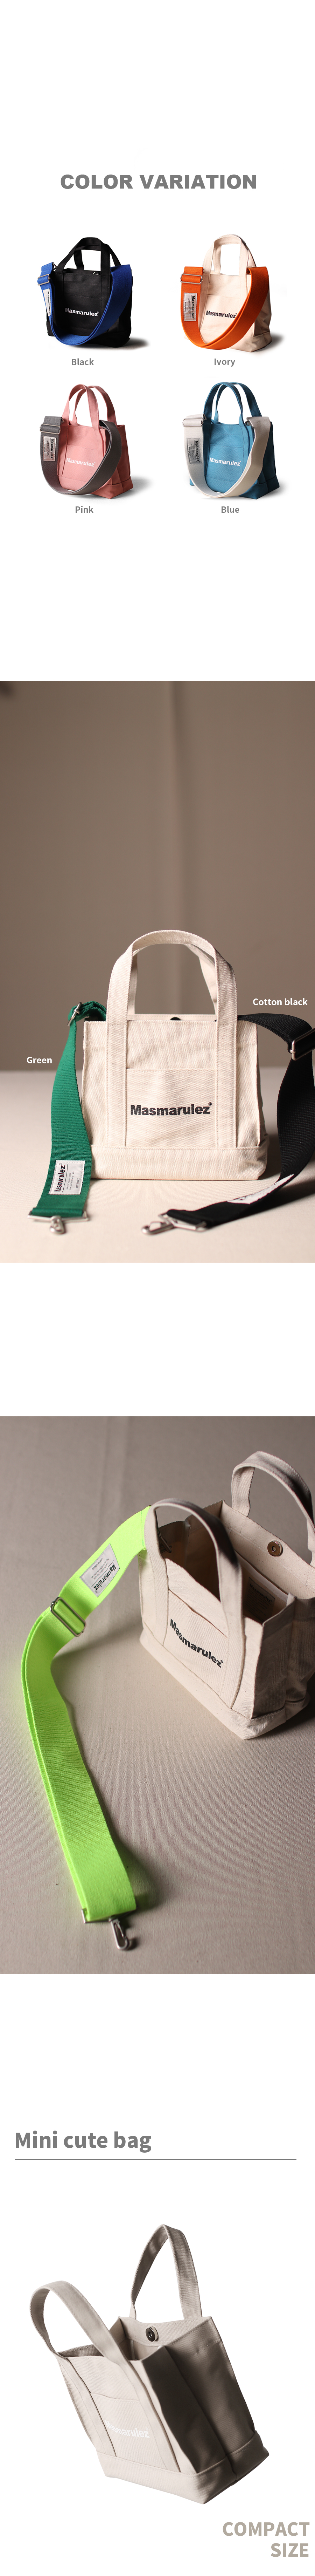 15컬러 스트랩 미니백_Ivory - 마스마룰즈, 31,500원, 토트백, 패브릭토트백